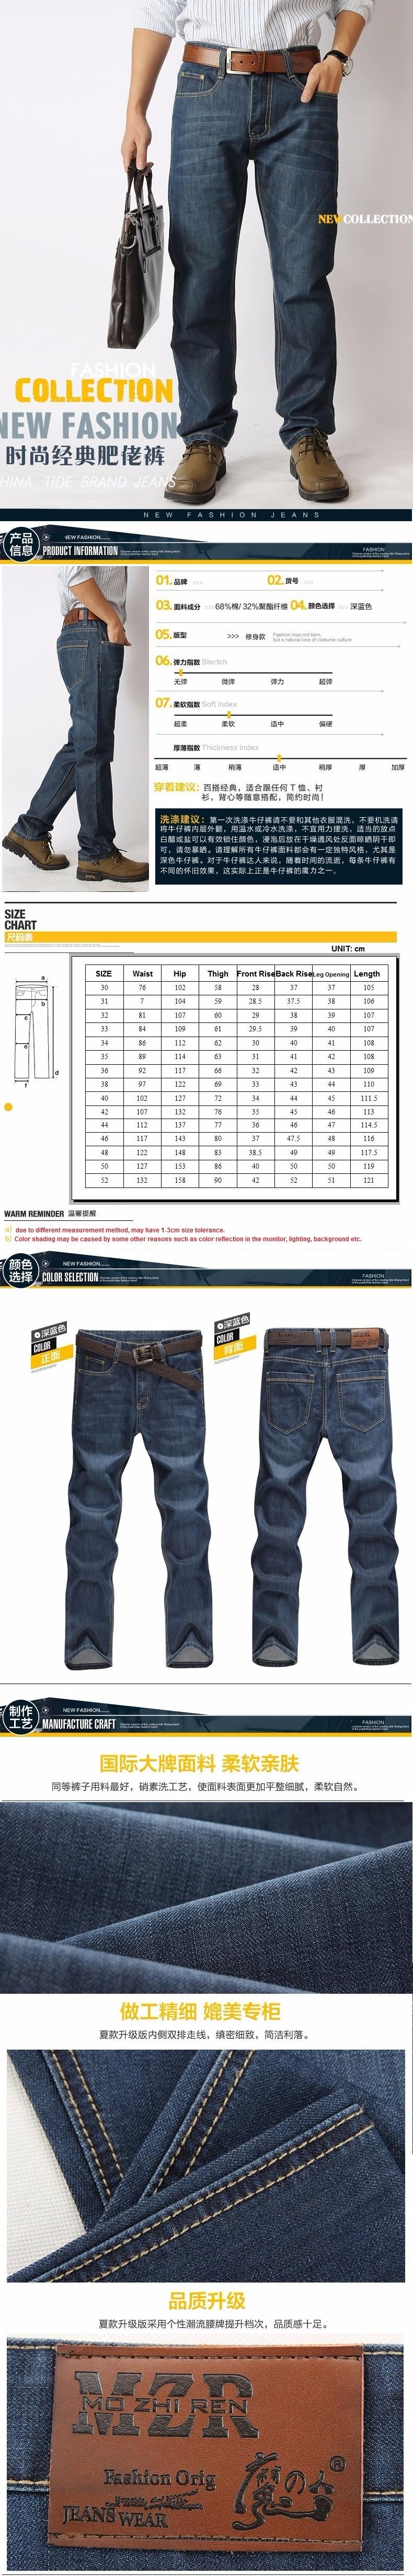 Скидки на Новое поступление мужской моды простой плюс размер полная длина середине талии бизнес случайный свободные джинсовые прямые джинсы брюки